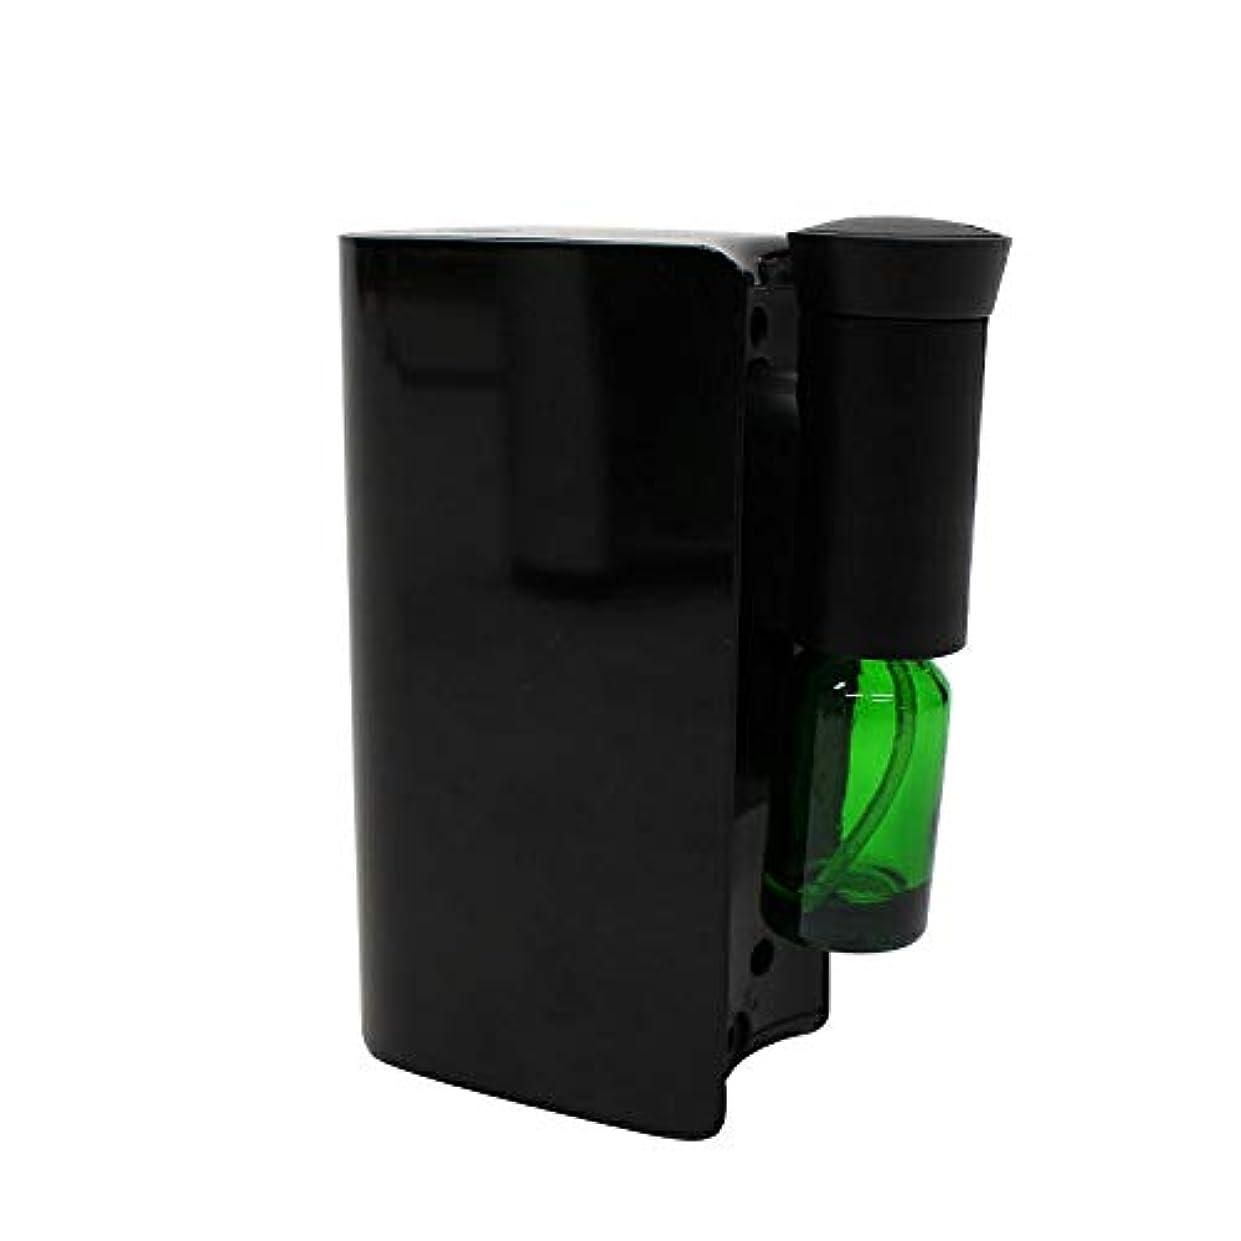 リフトライセンス観点電池式アロマディフューザー 水を使わない ネブライザー式 アロマ ディフューザー アロマオイル対応 自動停止 ECOモード搭載 コンパクト 香り 癒し シンプル ブラック